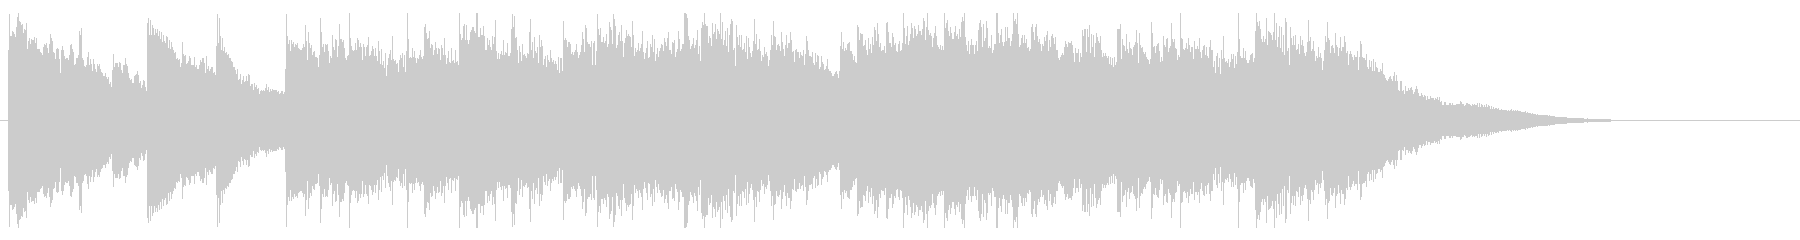 シンプルなピアノソロのBGM 30秒の未再生の波形